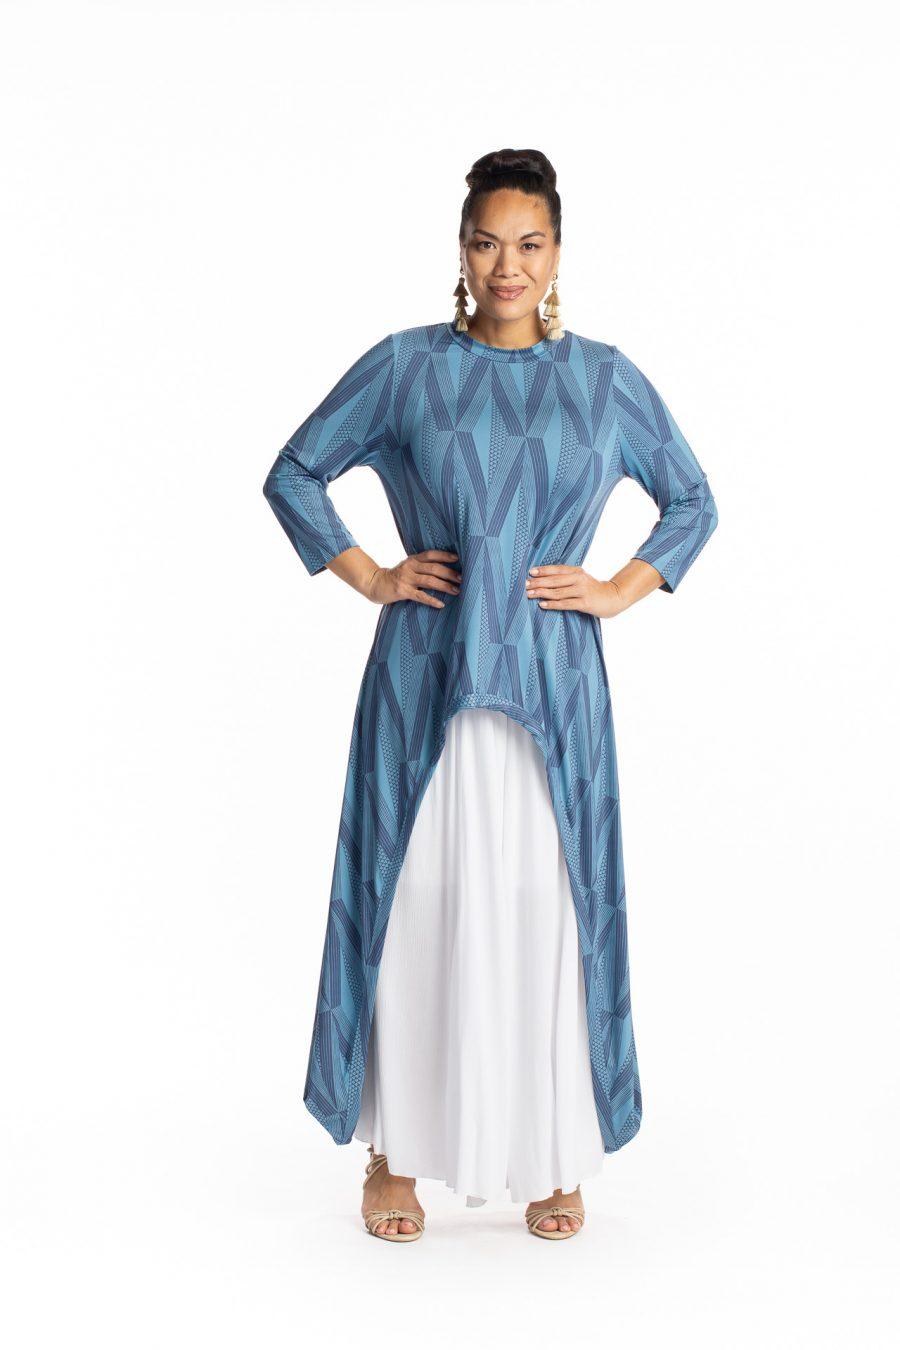 Female model waring Kalu Kalu Hi Low Dress in Indigo/Prov. Blue - Side View